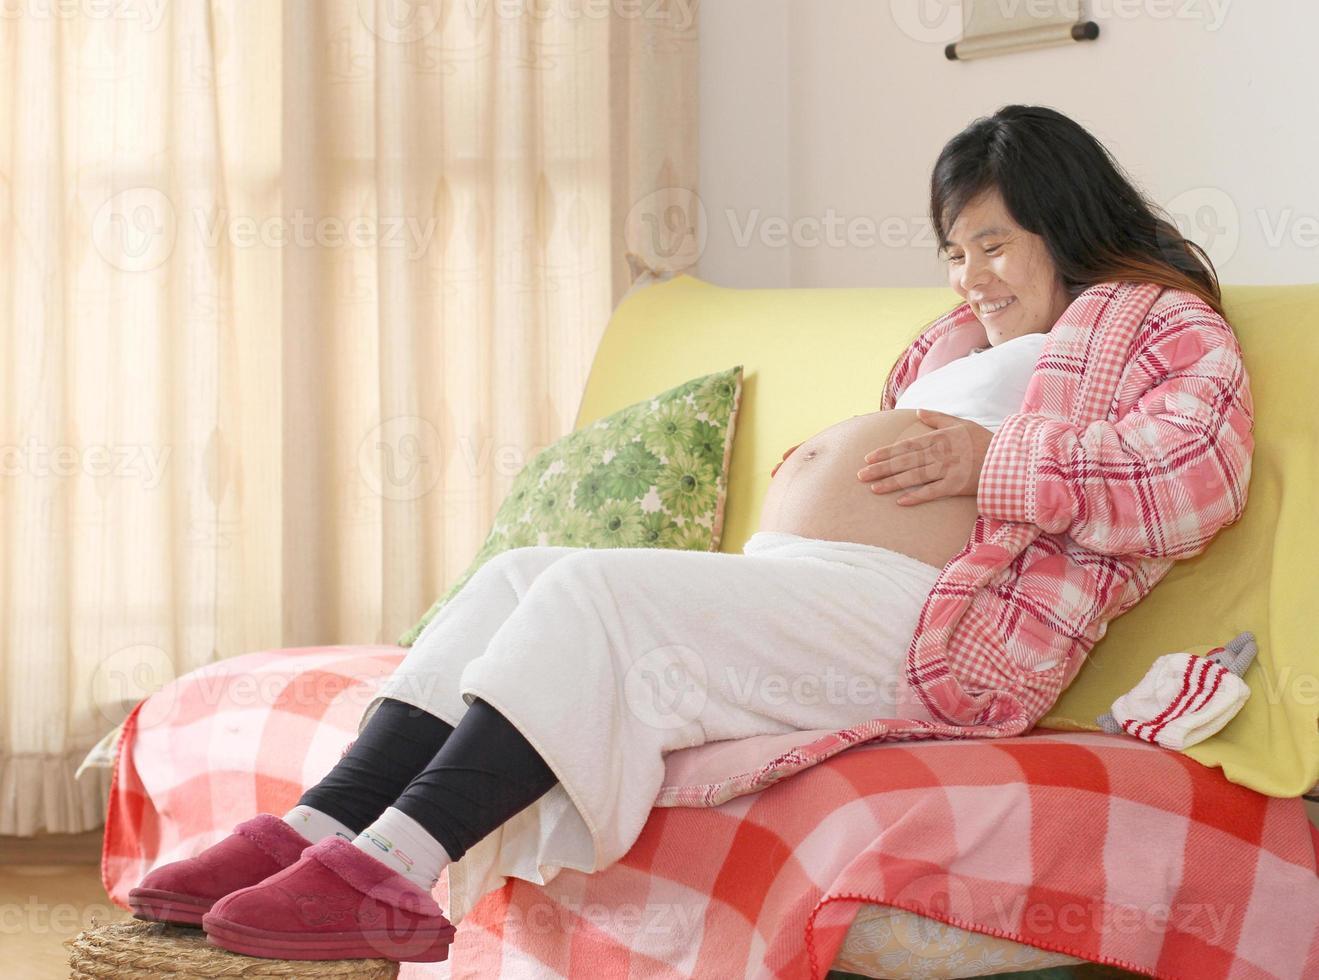 mujer embarazada sentada en el sofá foto